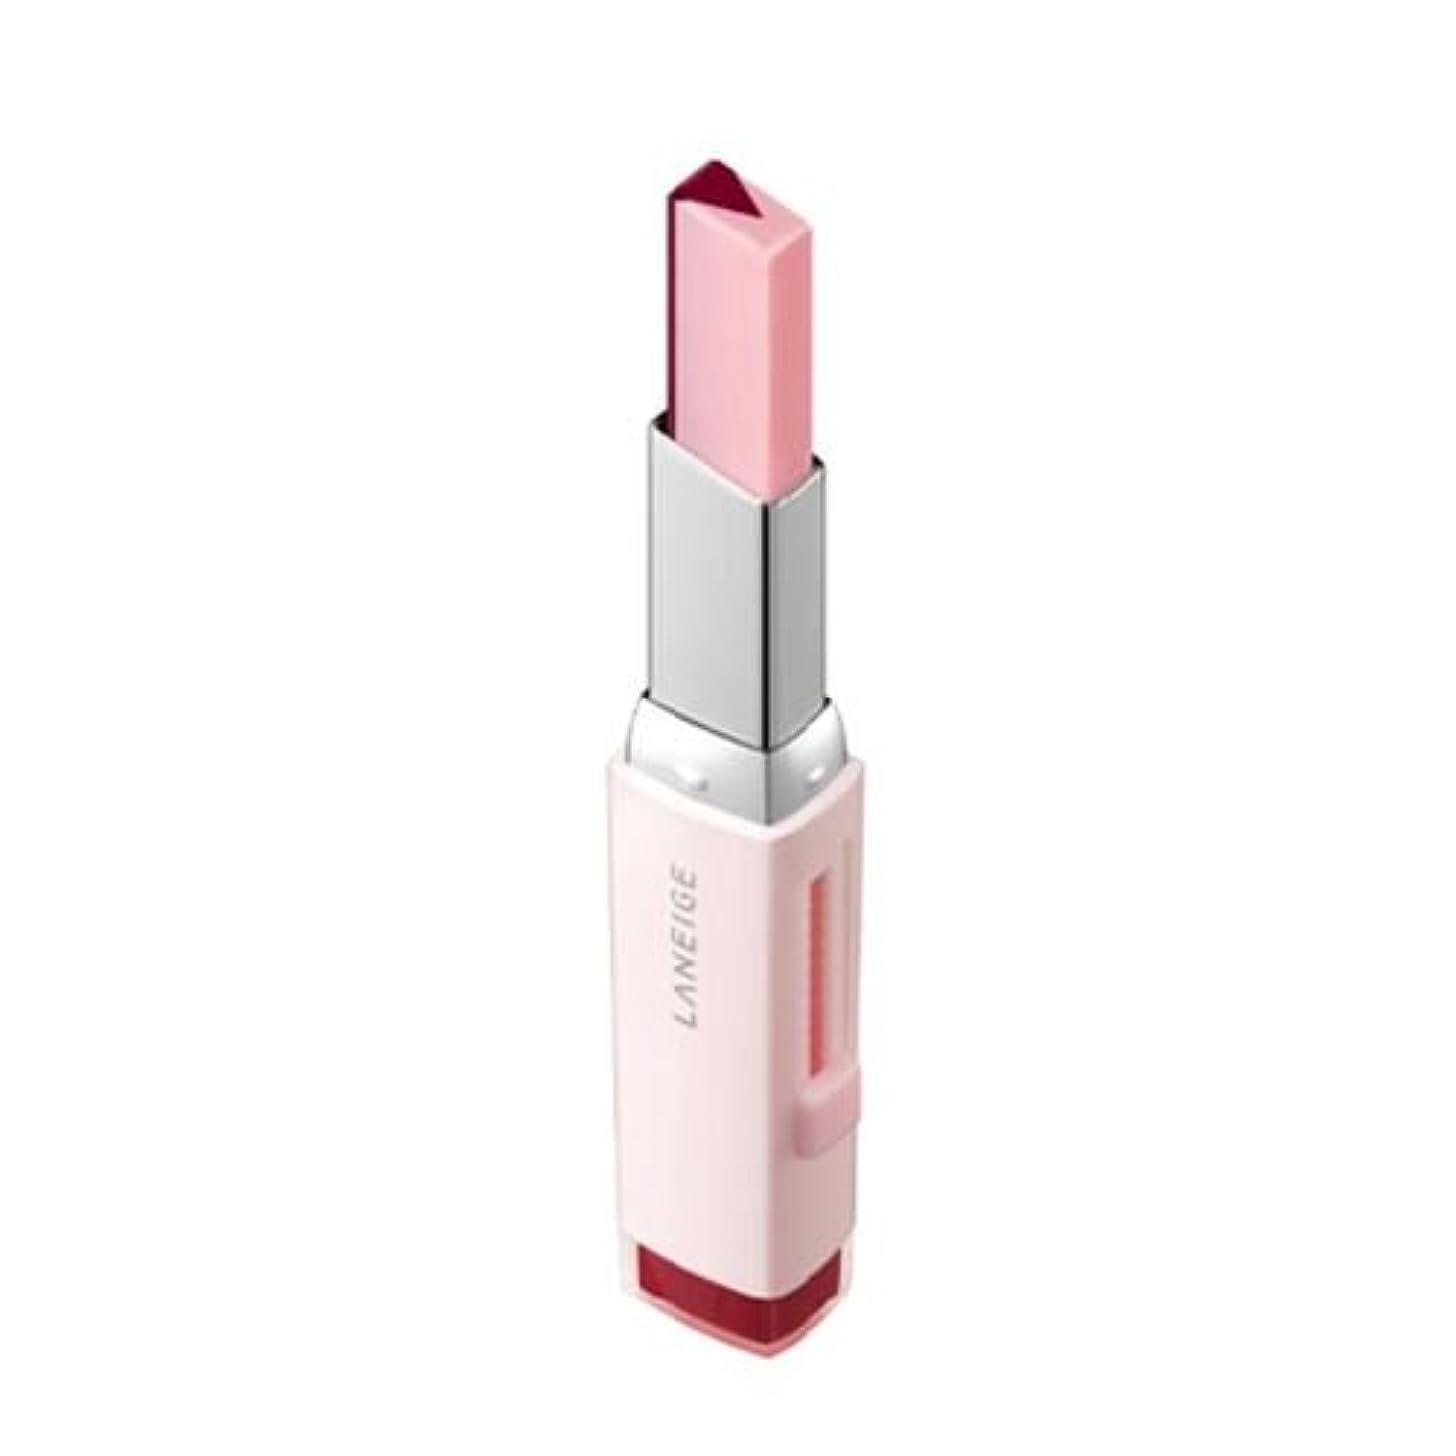 お客様虫船外[New] LANEIGE Two Tone Tint Lip Bar 2g/ラネージュ ツー トーン ティント リップ バー 2g (#08 Cherry Milk) [並行輸入品]